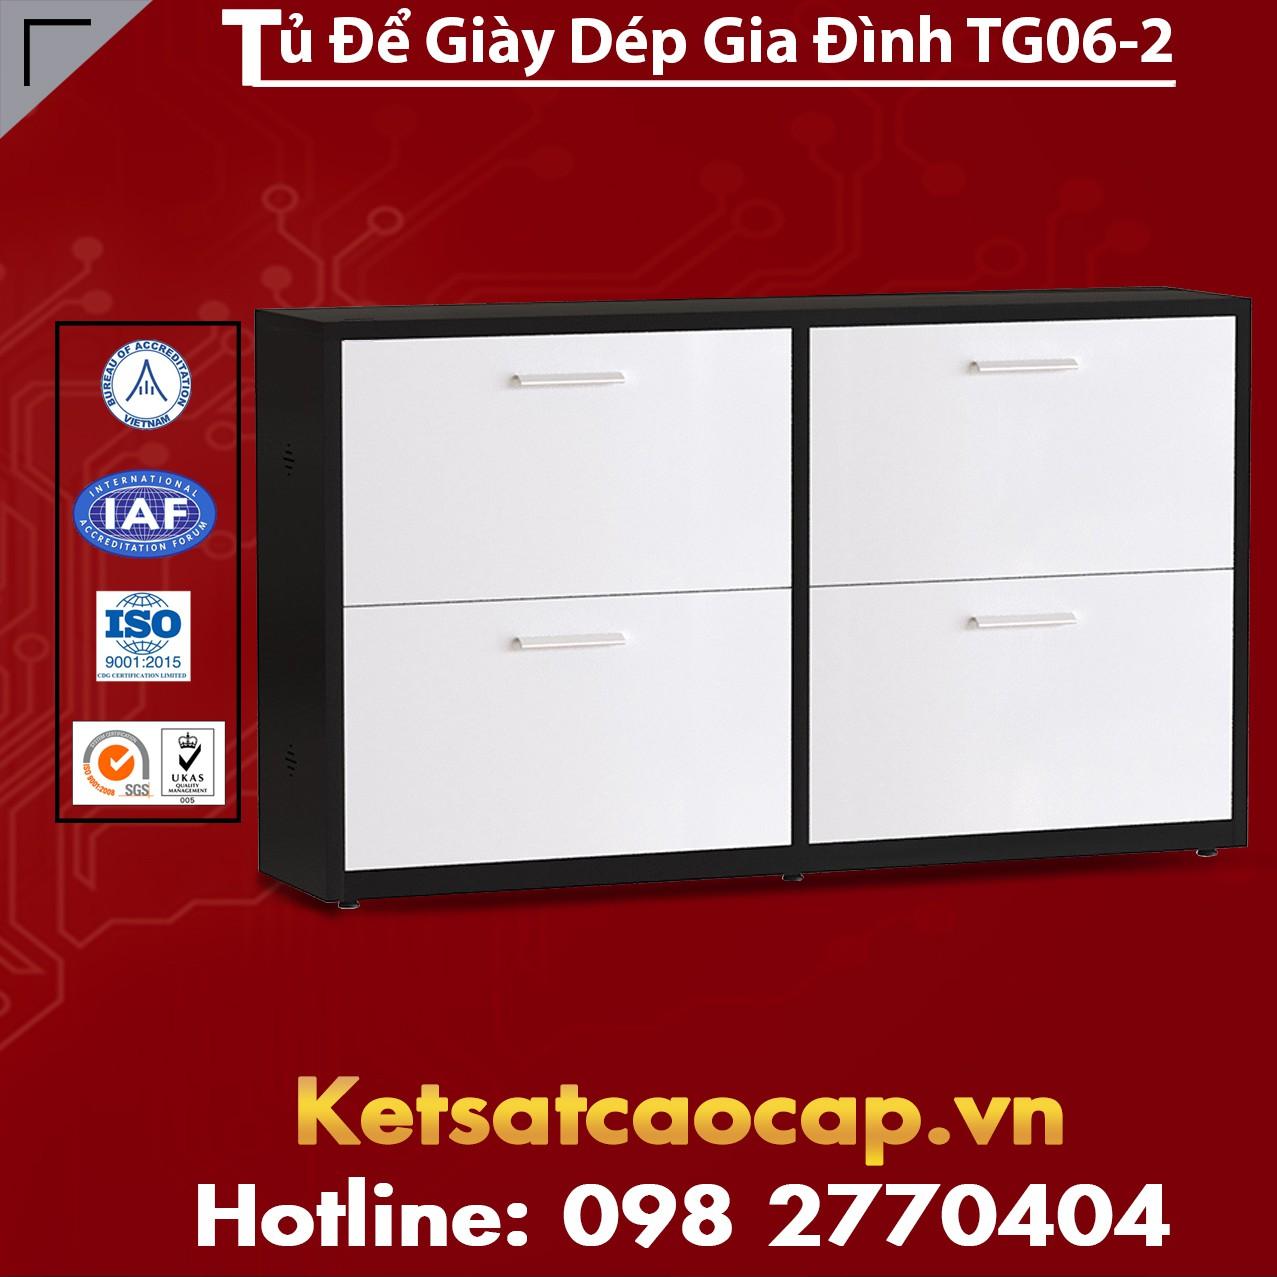 Tủ Để Giày Dép Gia Đình TG06-2